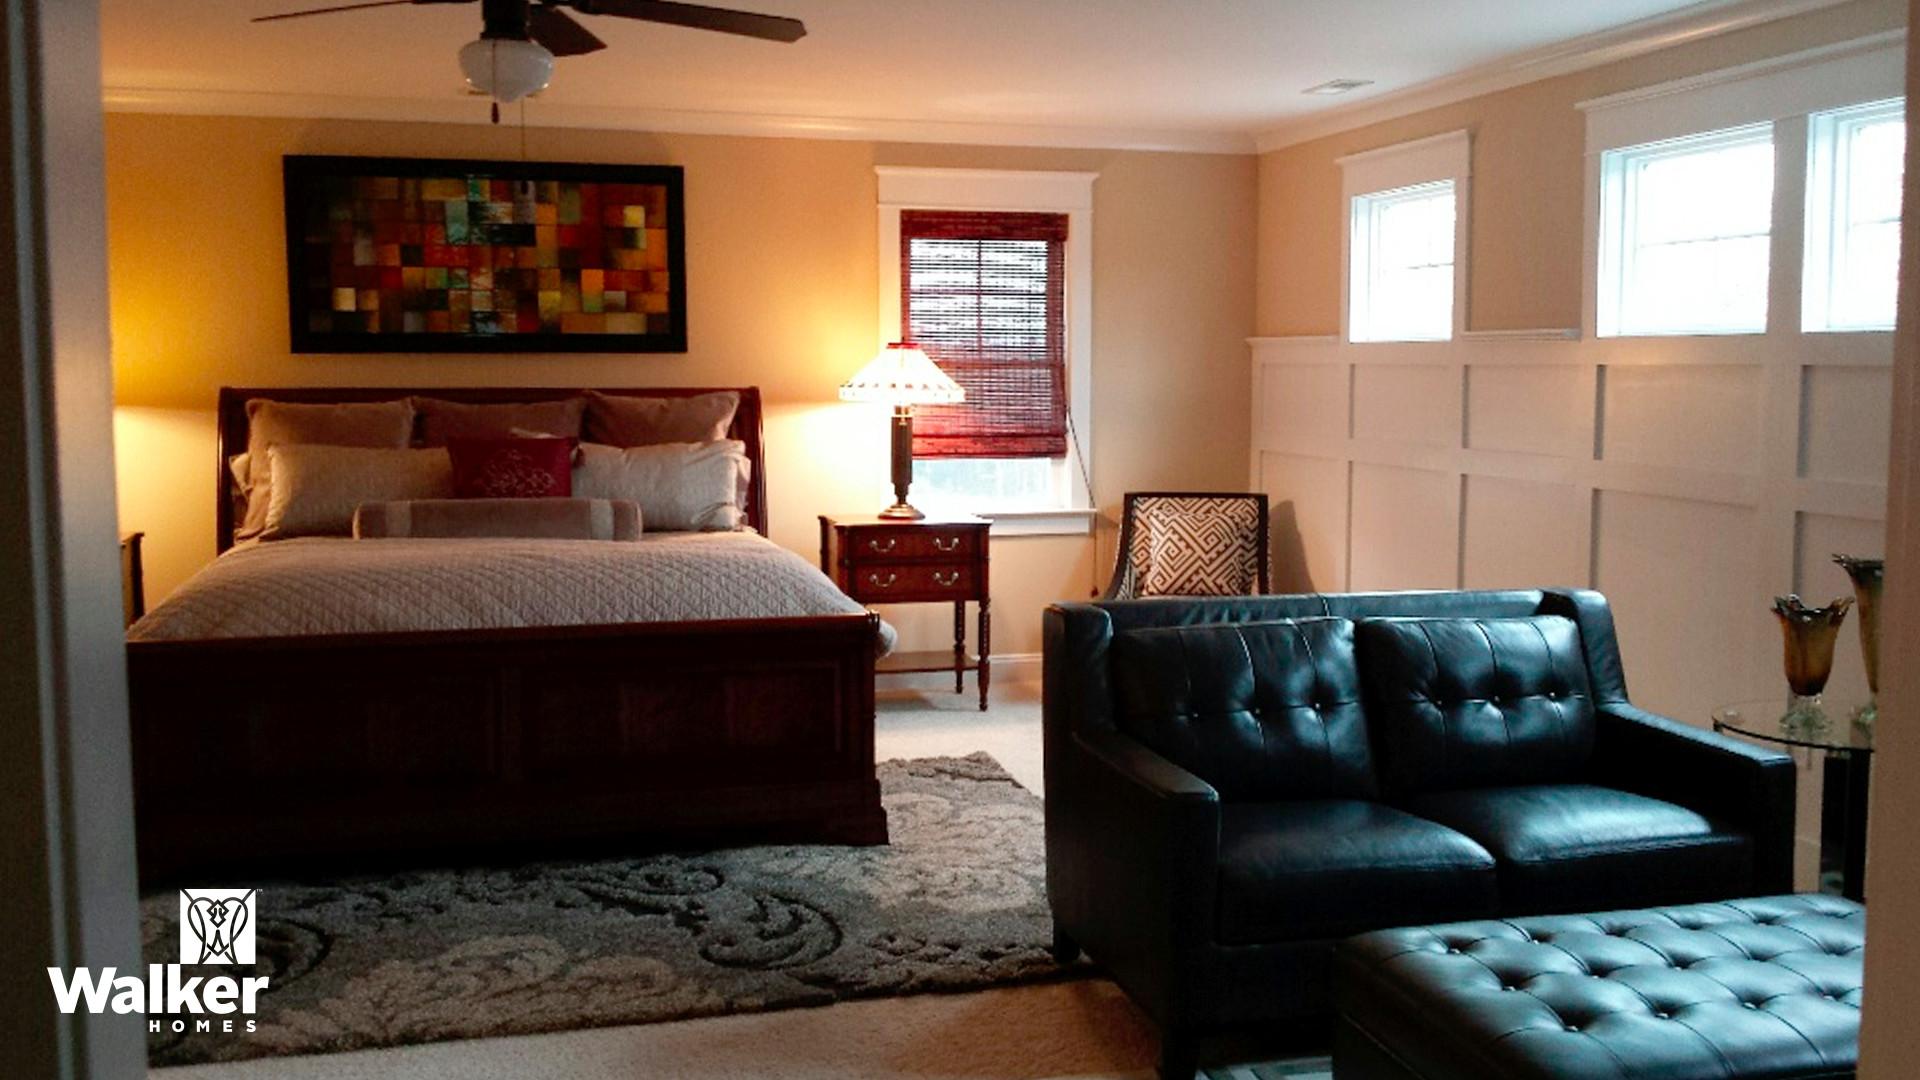 The Winstead II Master Bedroom by Walker Homes in Glen Allen, Virginia